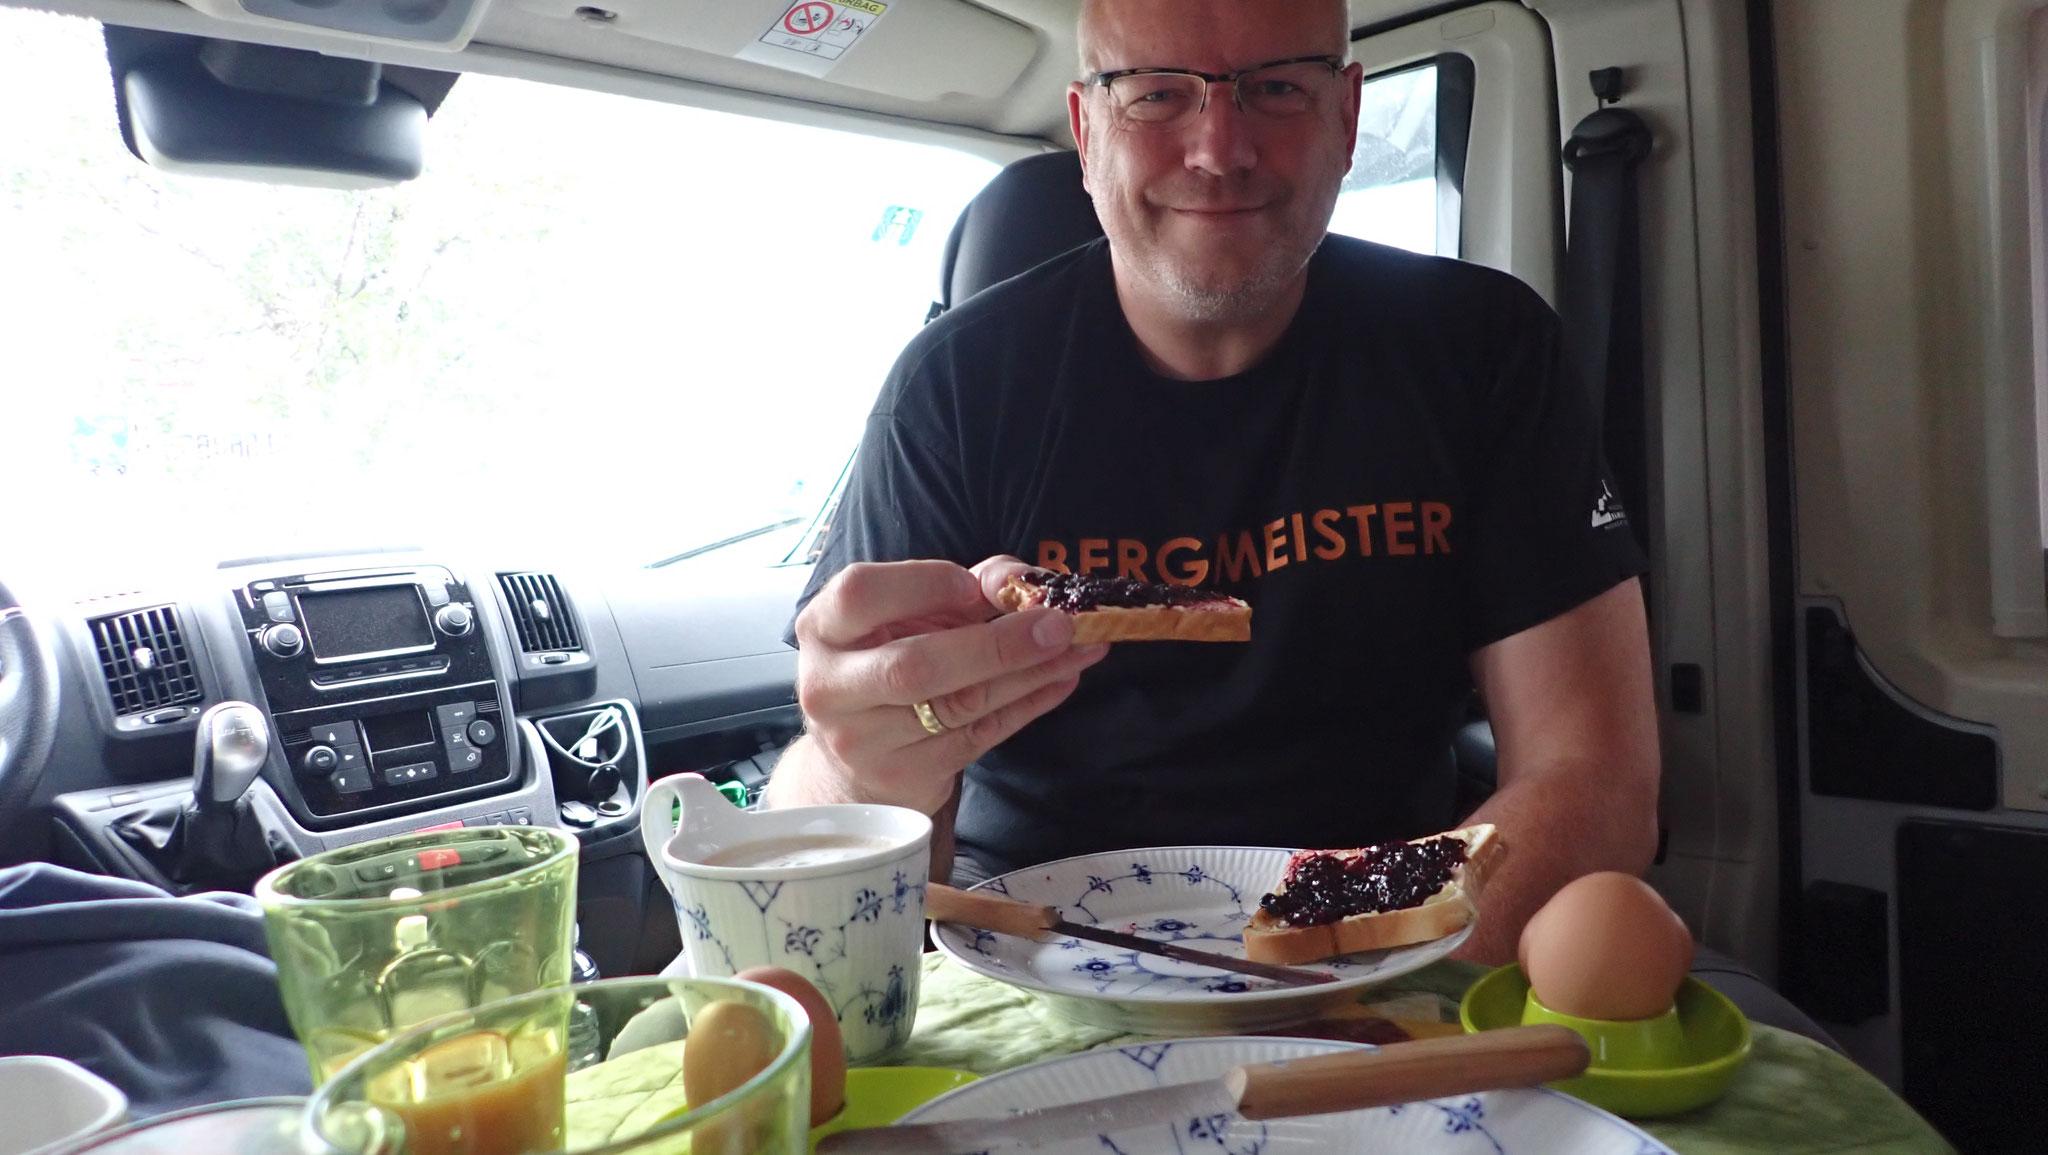 Frühstück mit frischer Blaubeermarmelade